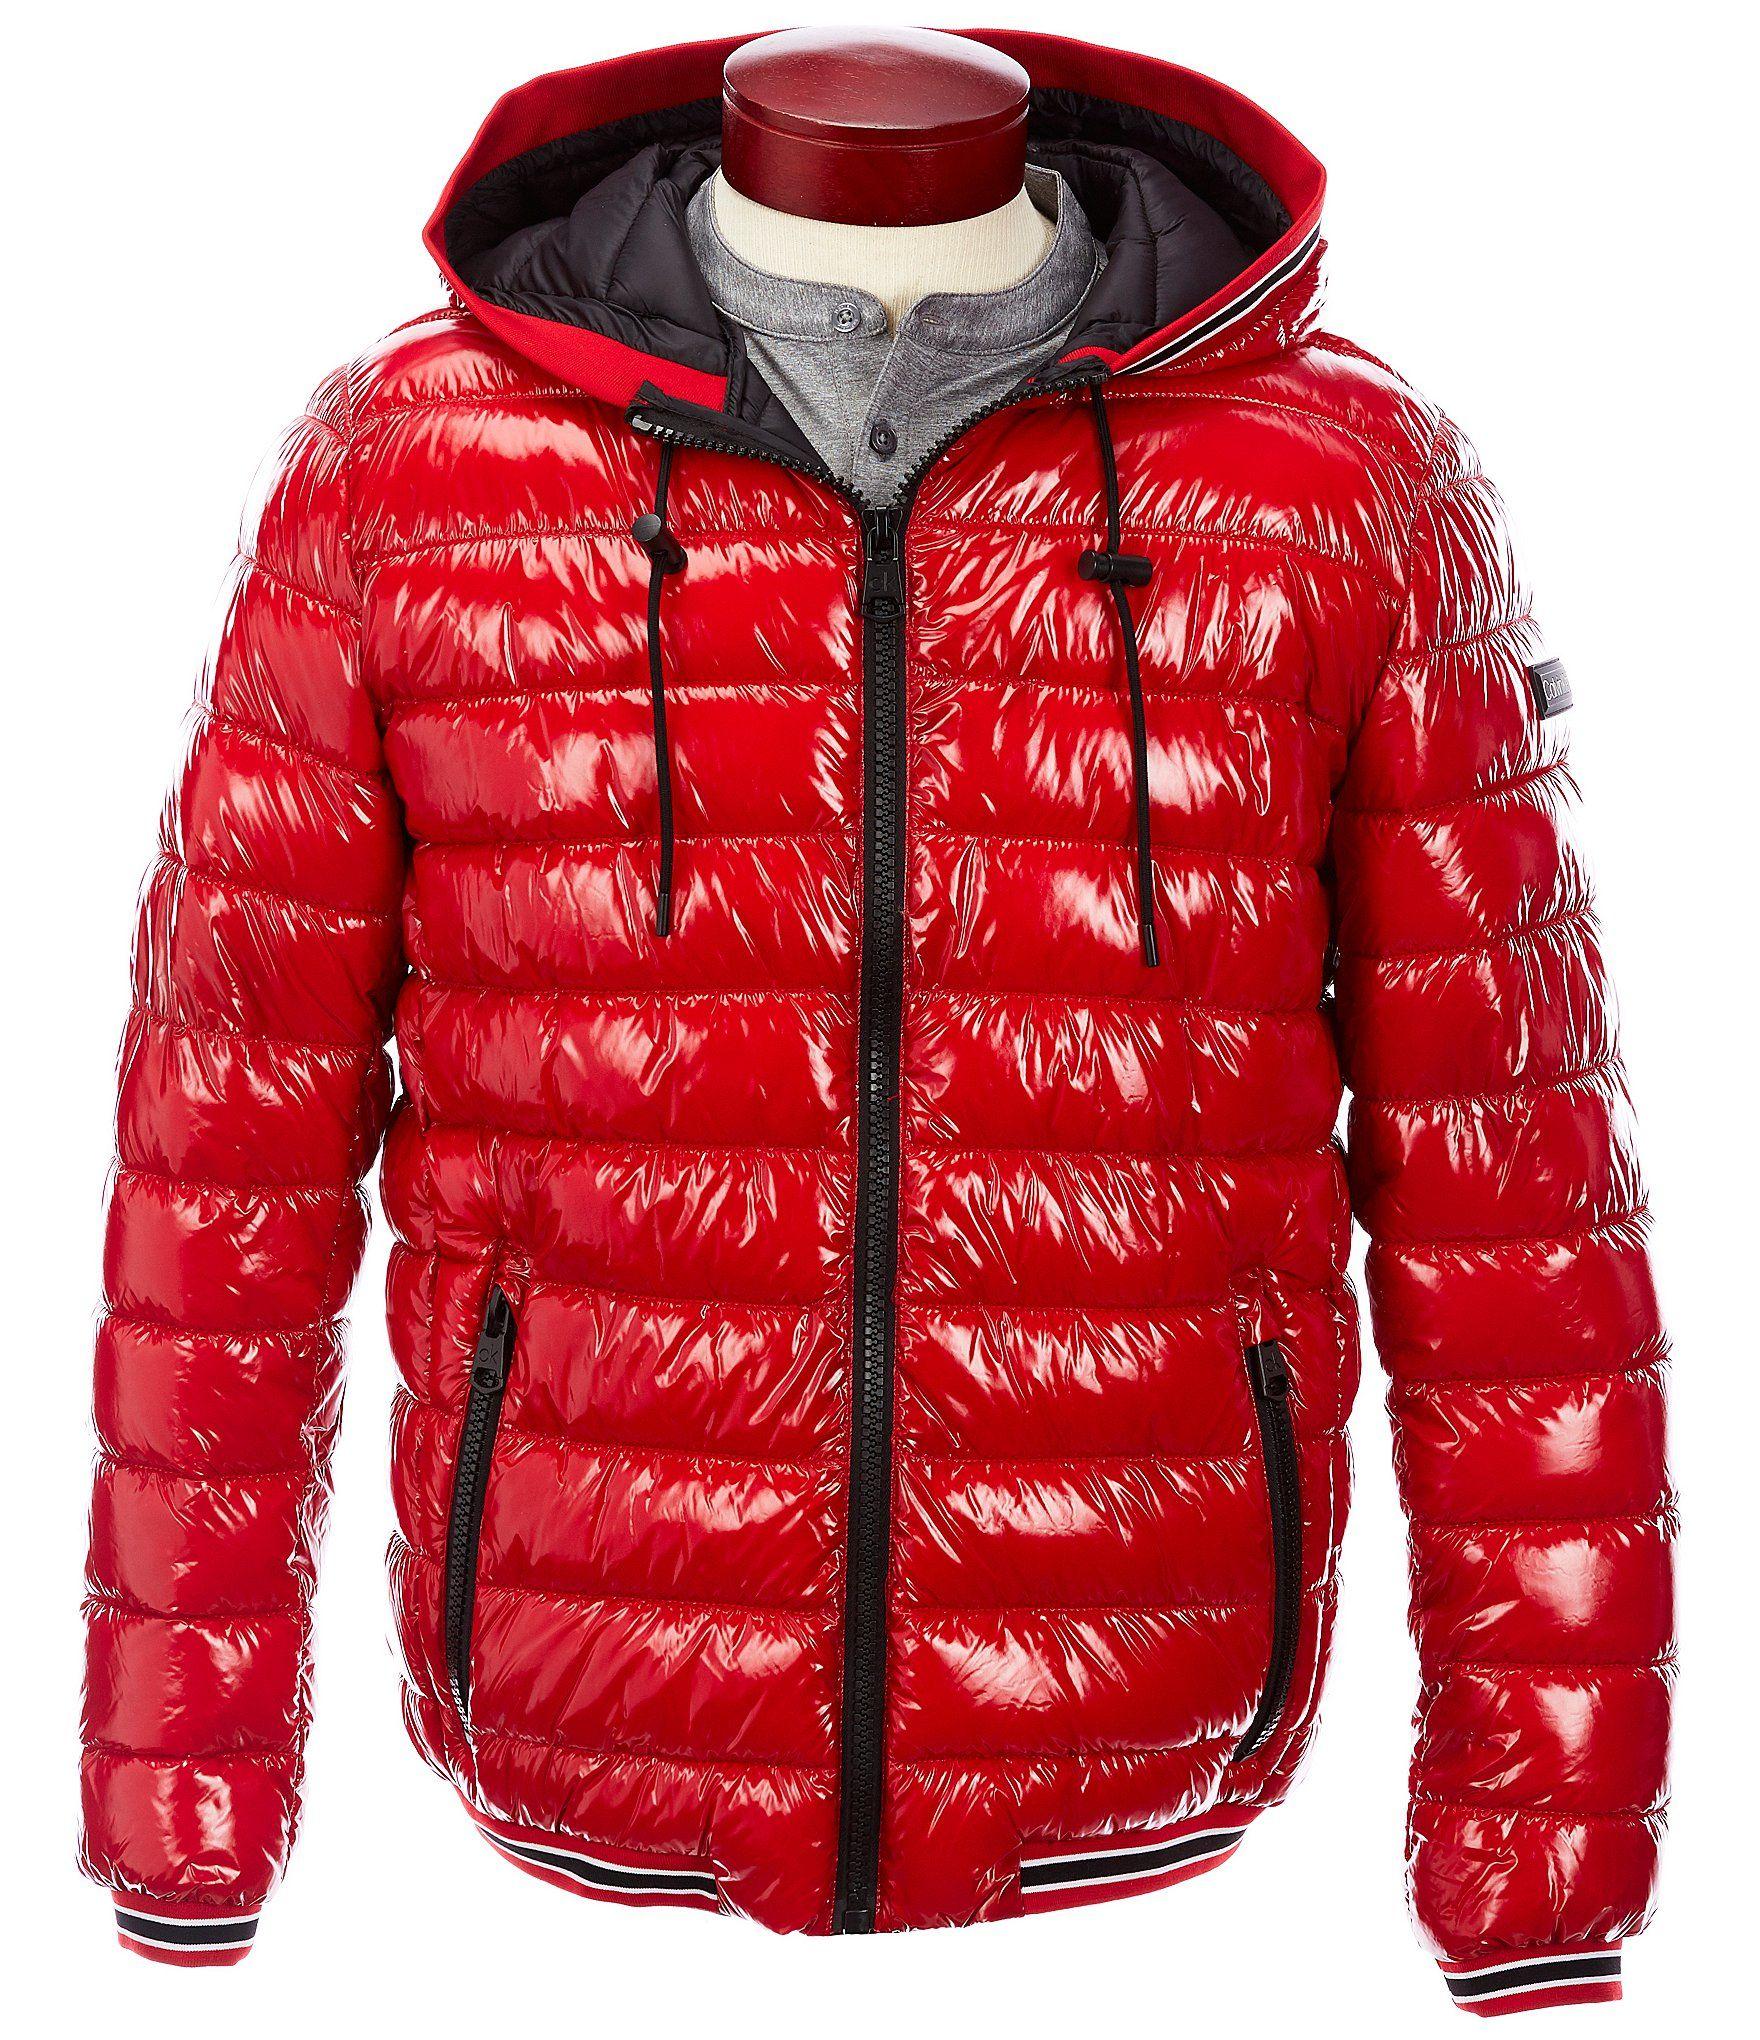 Calvin Klein Long Sleeve Super Shine Lightweight Puffer Jacket Dillard S Jackets Cool Jackets Klein [ 2040 x 1760 Pixel ]